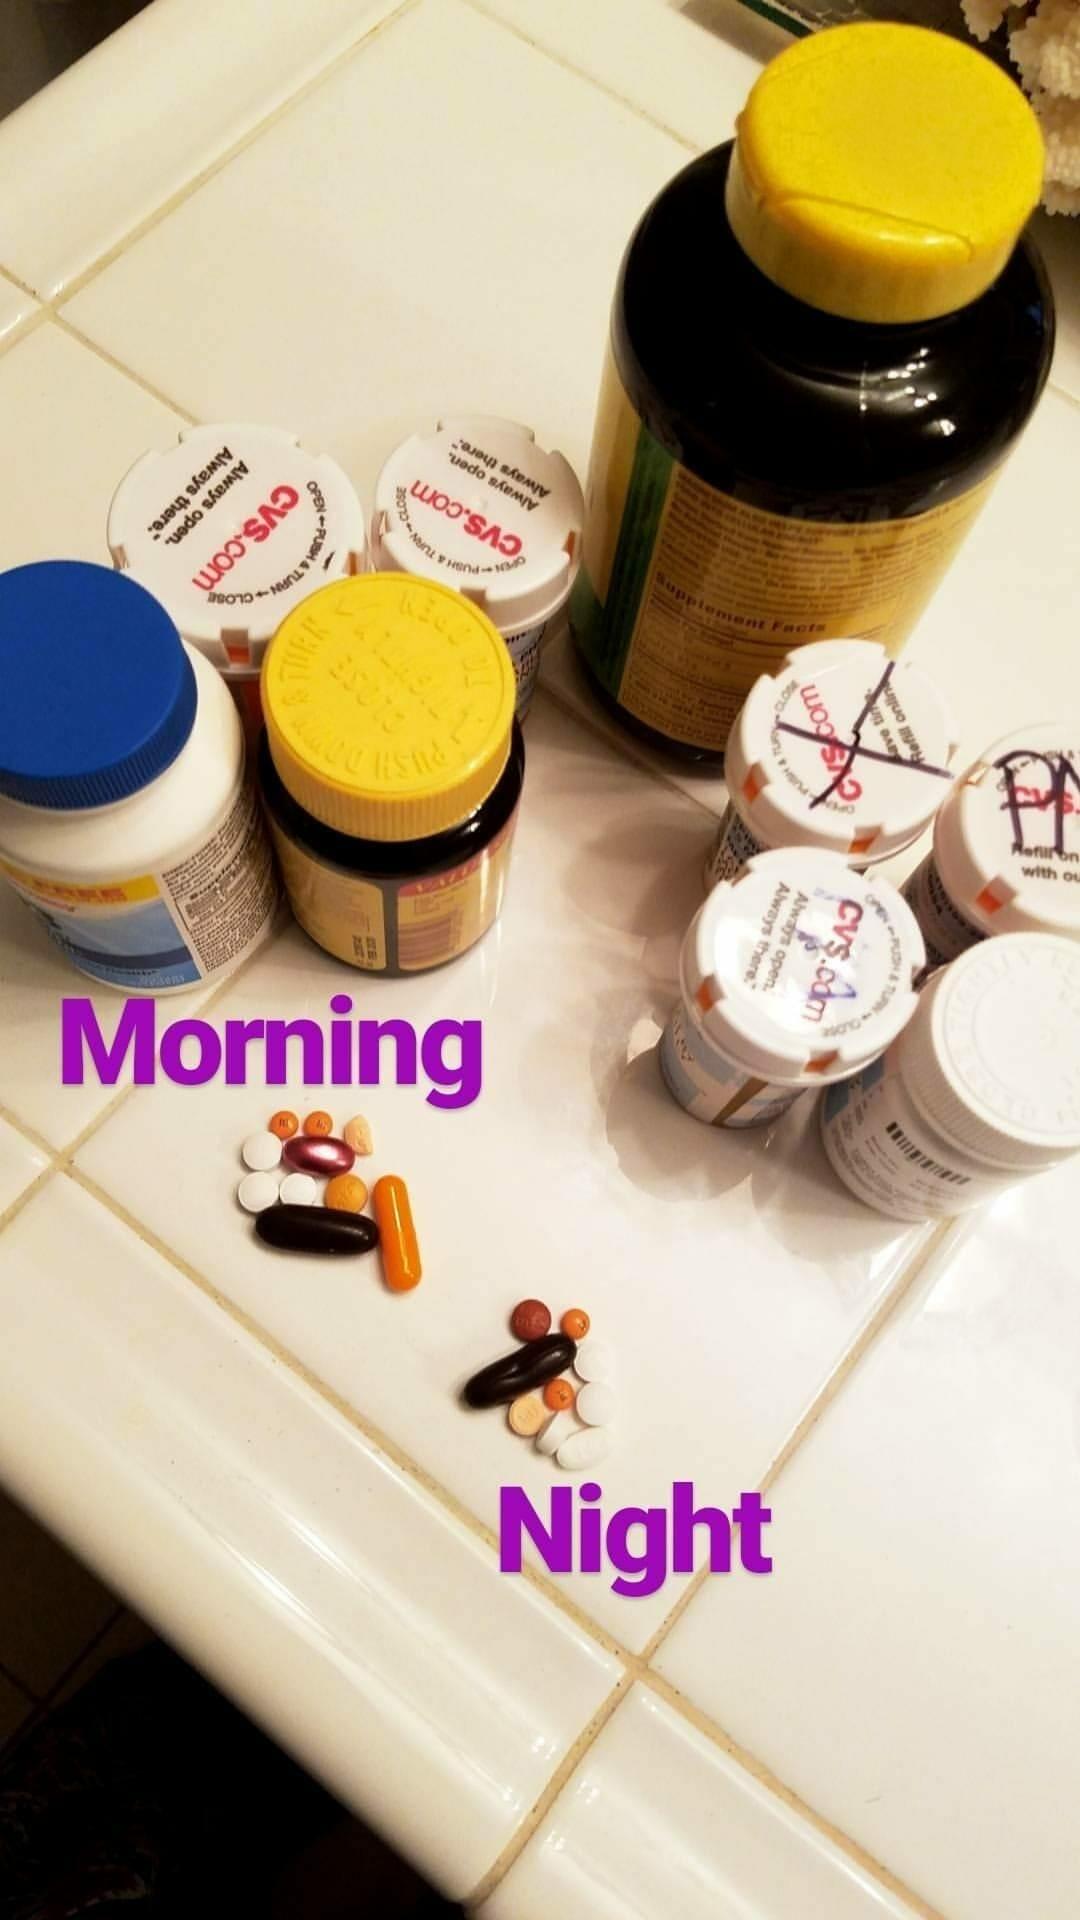 Daily Meds